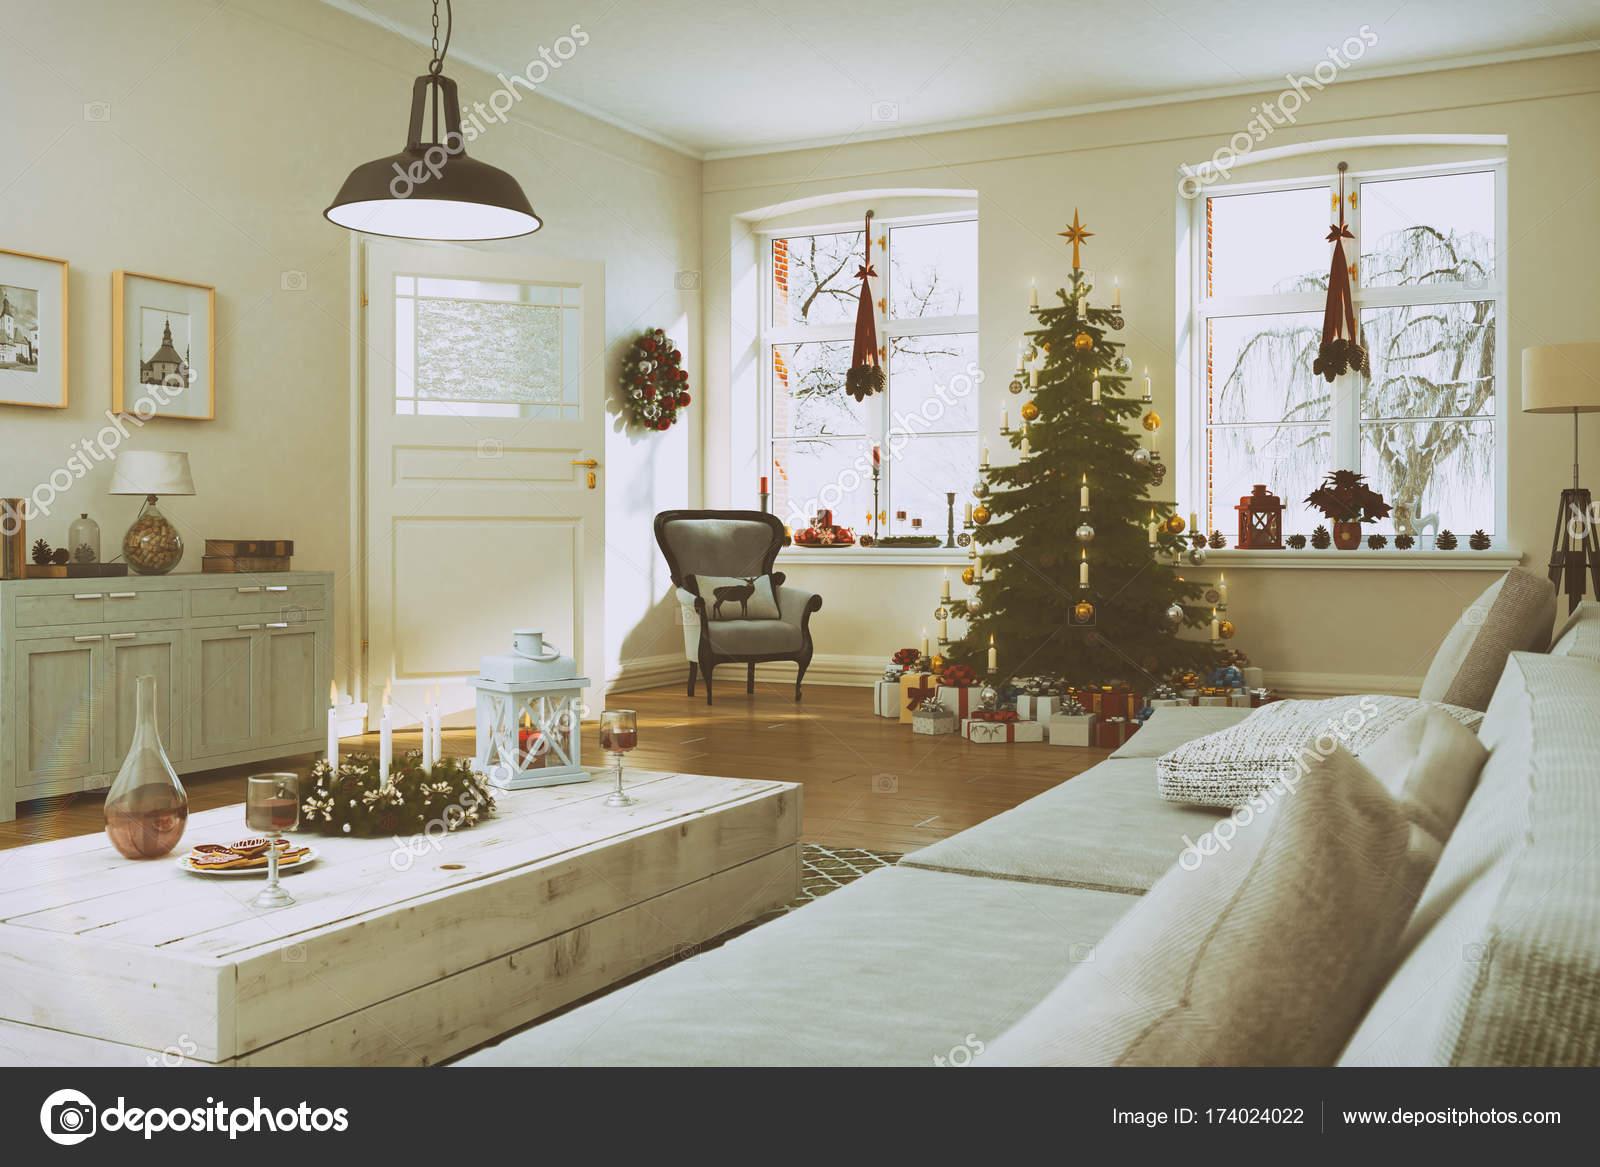 Scandinavische Vintage Woonkamer : D render van een scandinavische woonkamer met kerstboom retro